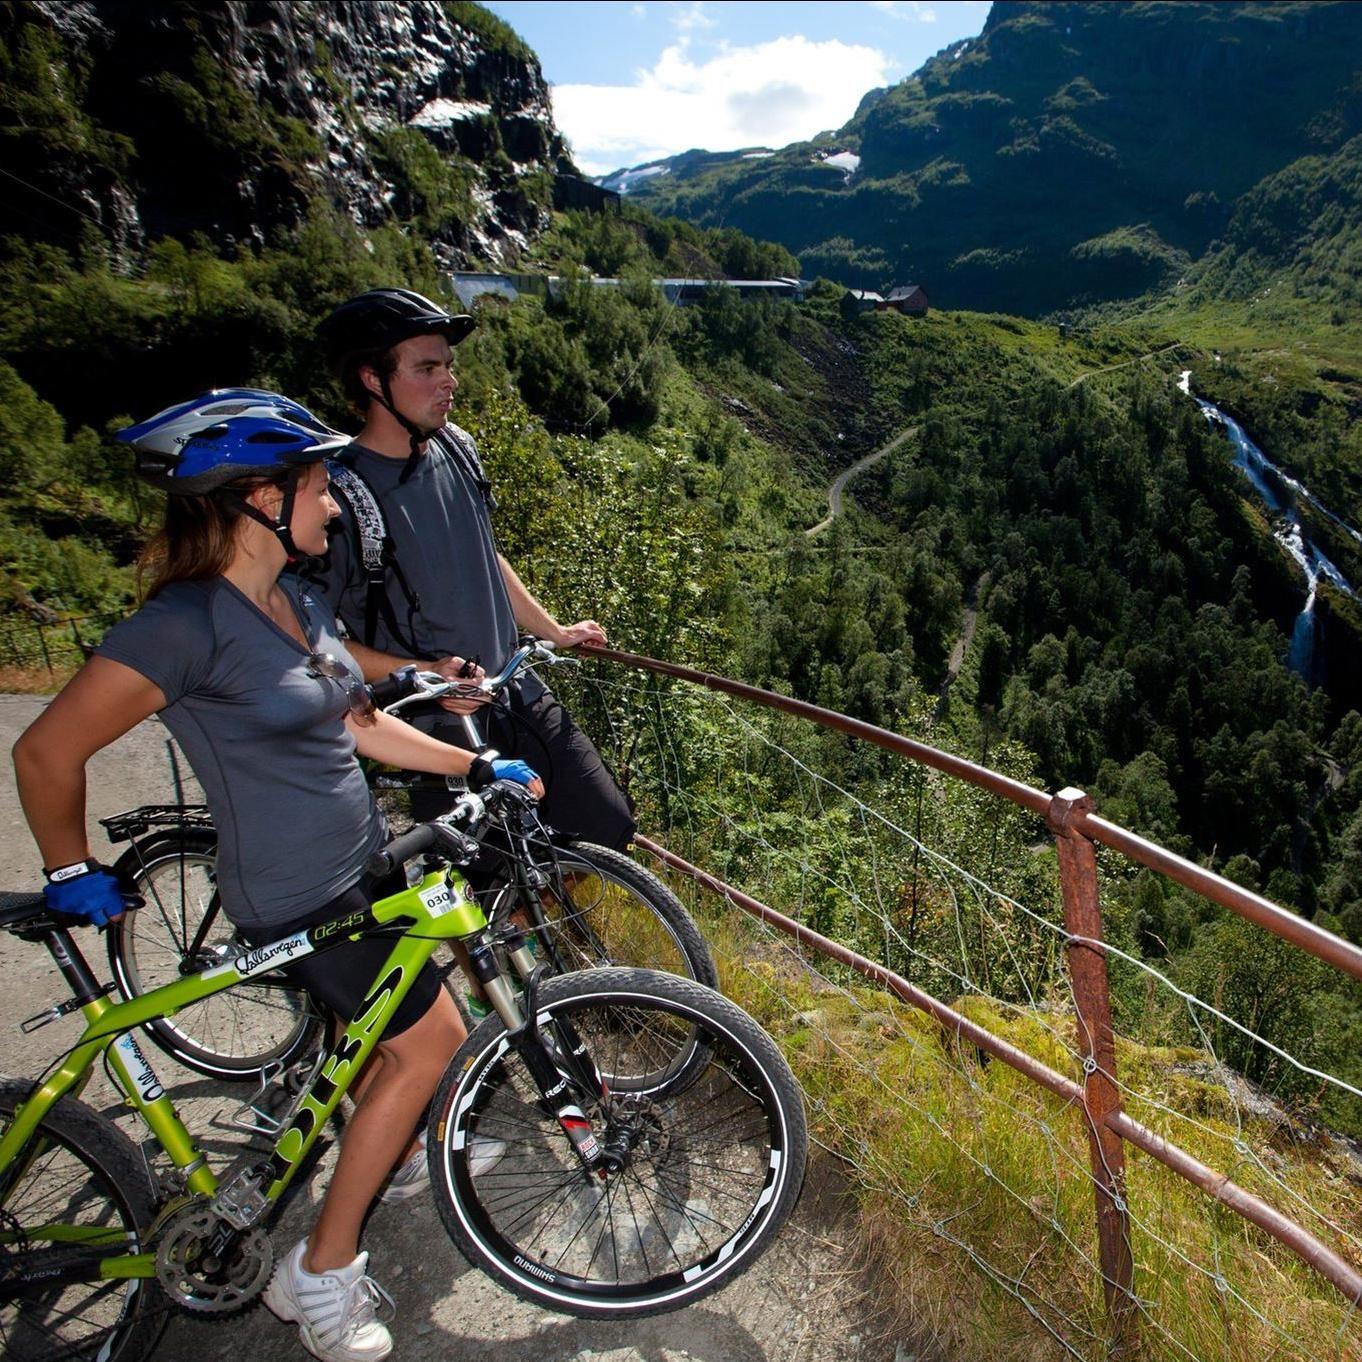 Flåm bike rental